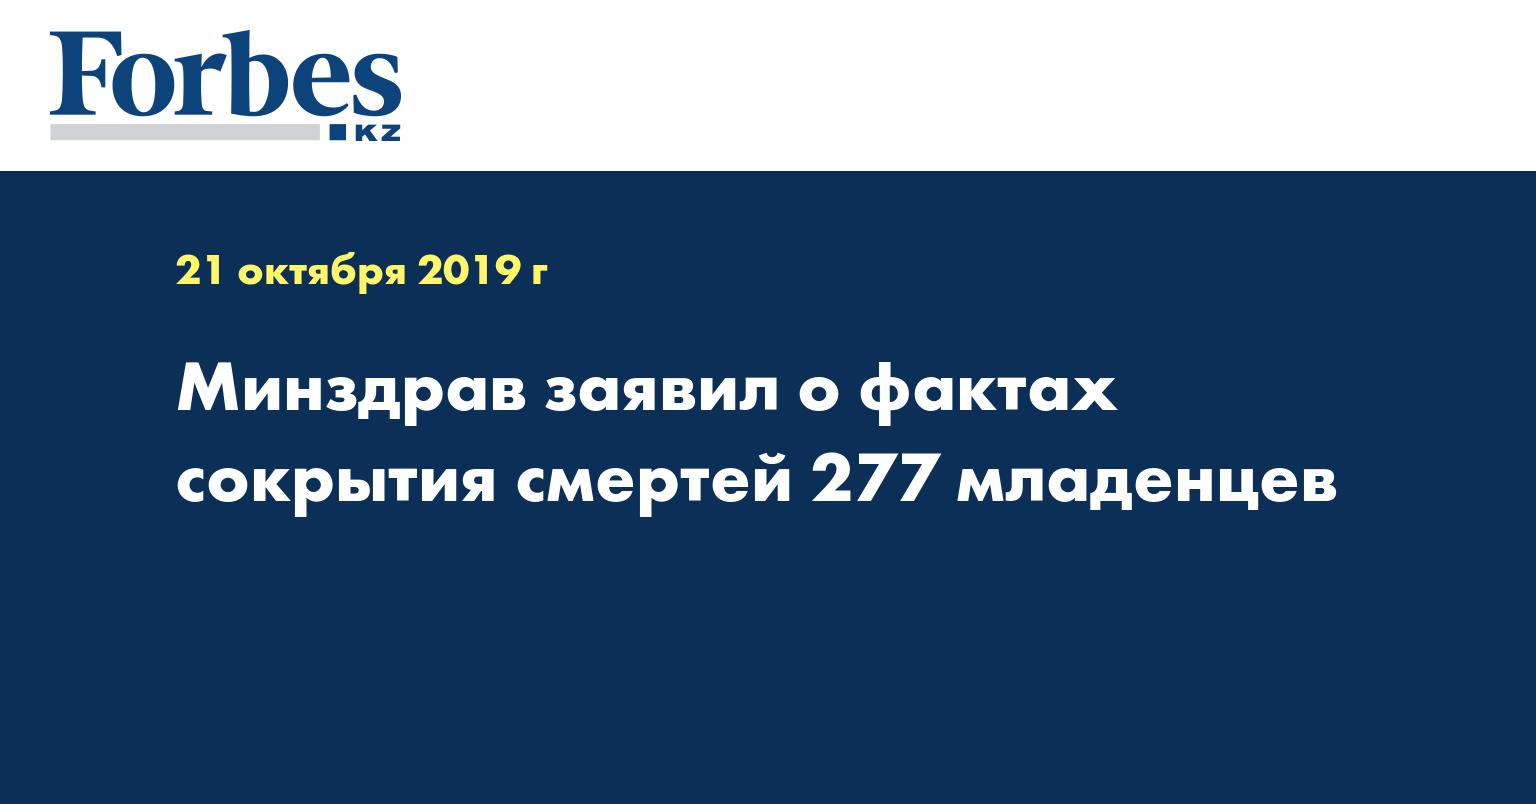 Минздрав заявил о фактах сокрытия  смертей 277 младенцев